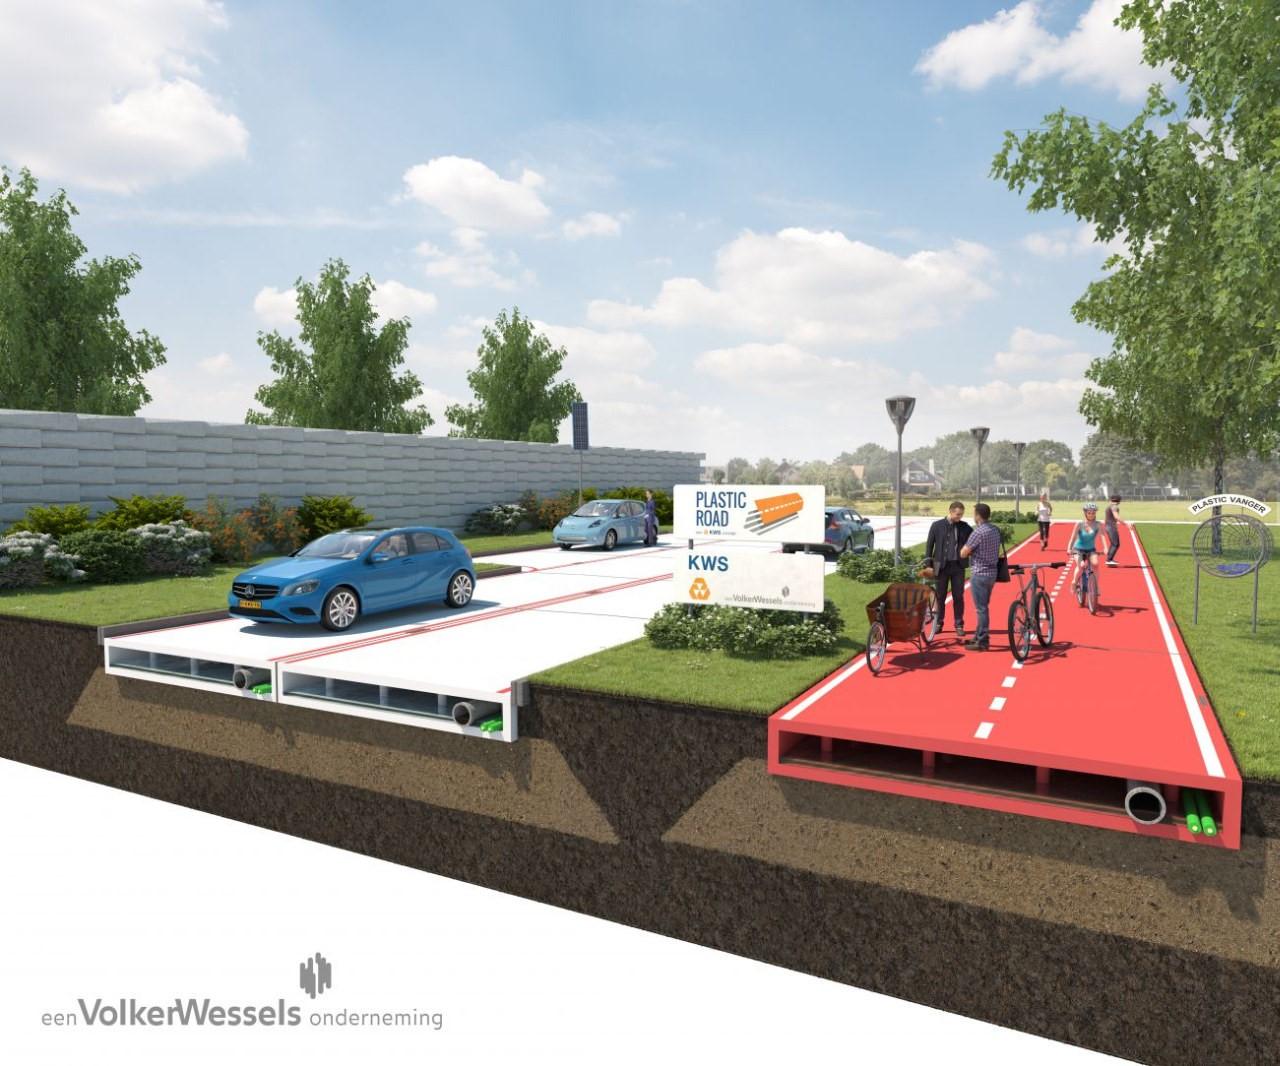 Голландцы будут ездить по дорогам из пластика 1